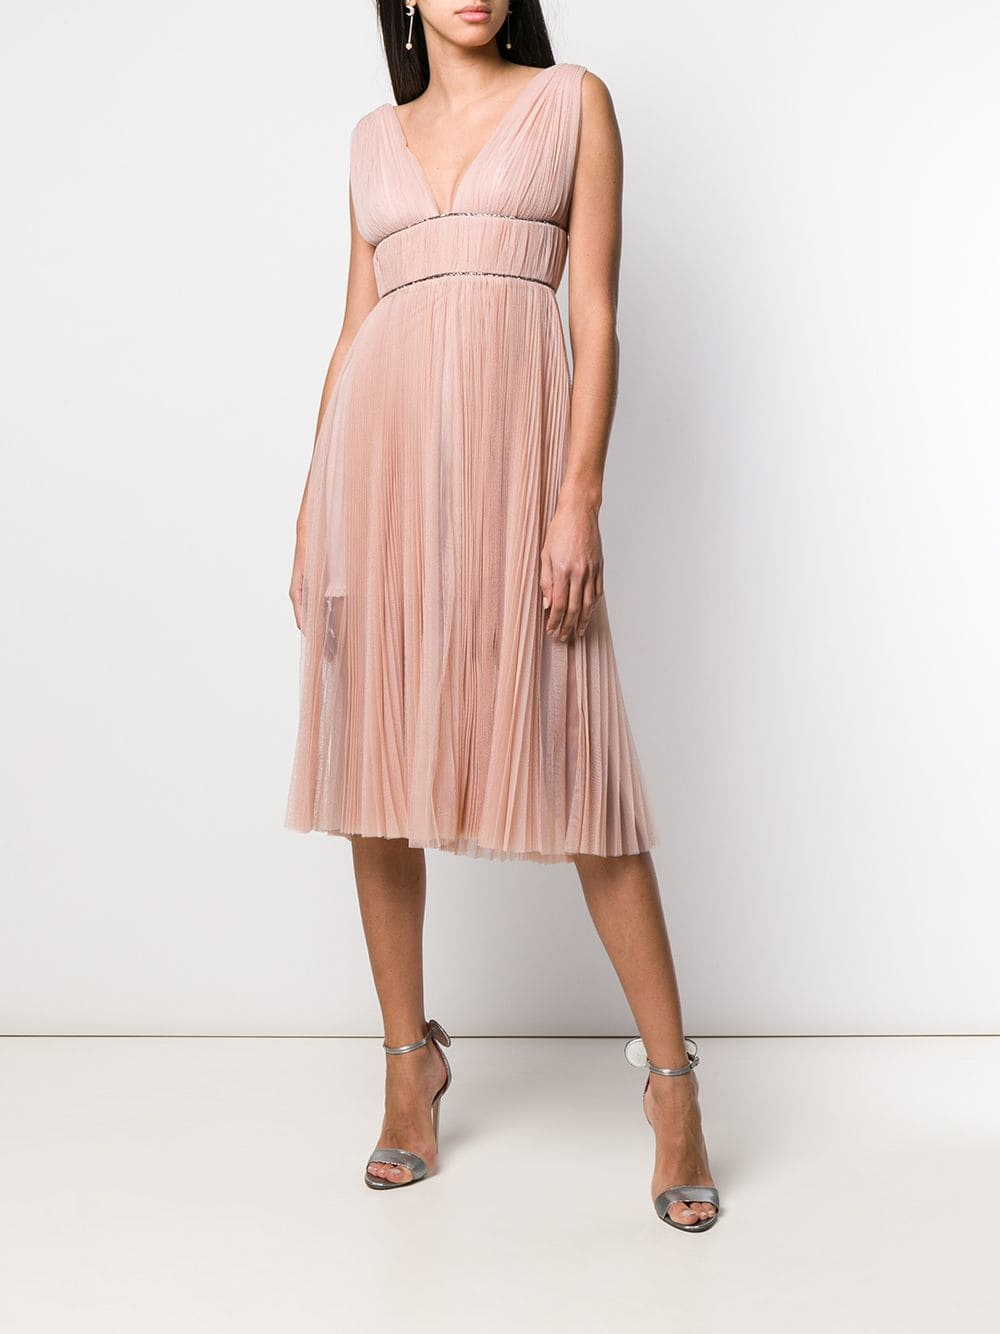 MARIA LUCIA HOHAN Kylie Nude Dress